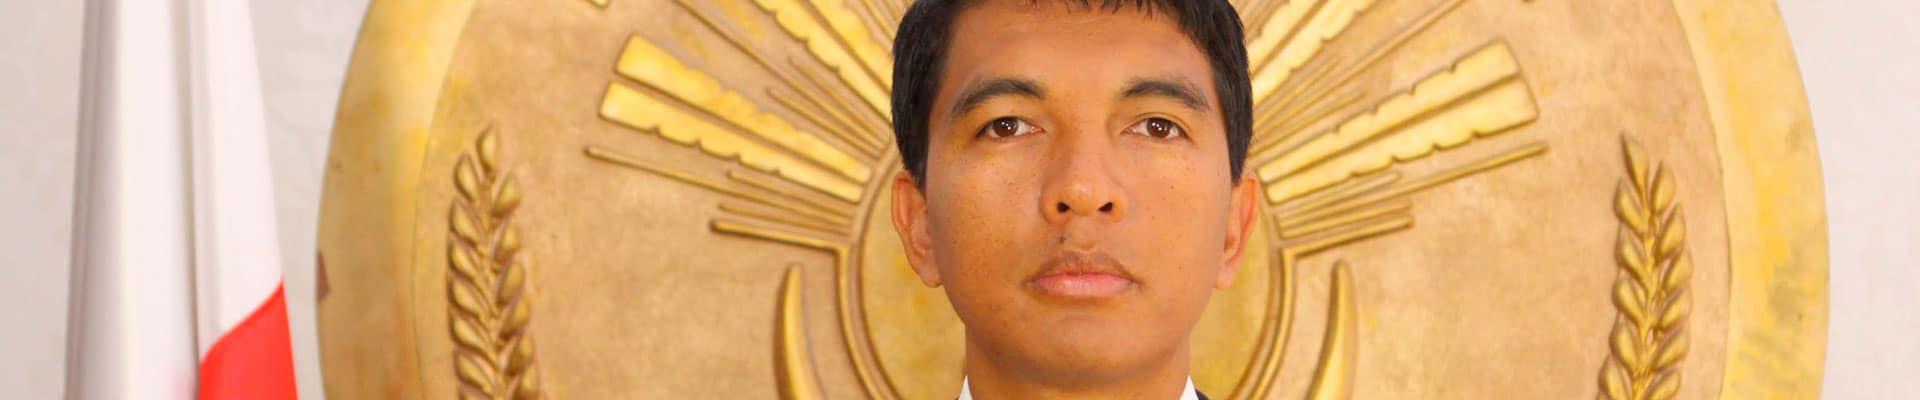 SEM Président Andry RAJOELINA – Un nouveau souffle politique pour Madagascar